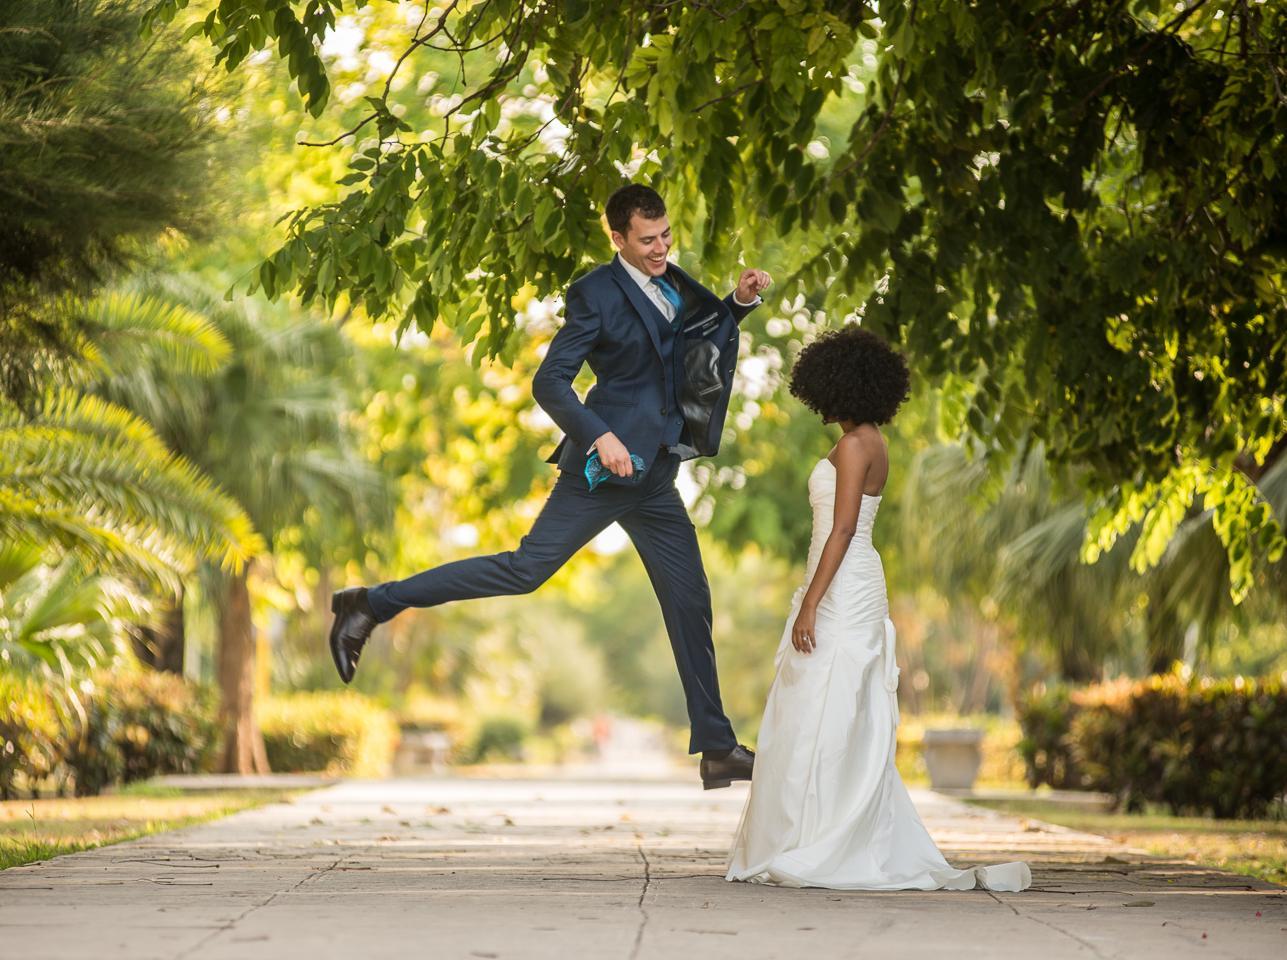 bodas-estilo-libre-sin-tema-cuba-13092.jpg